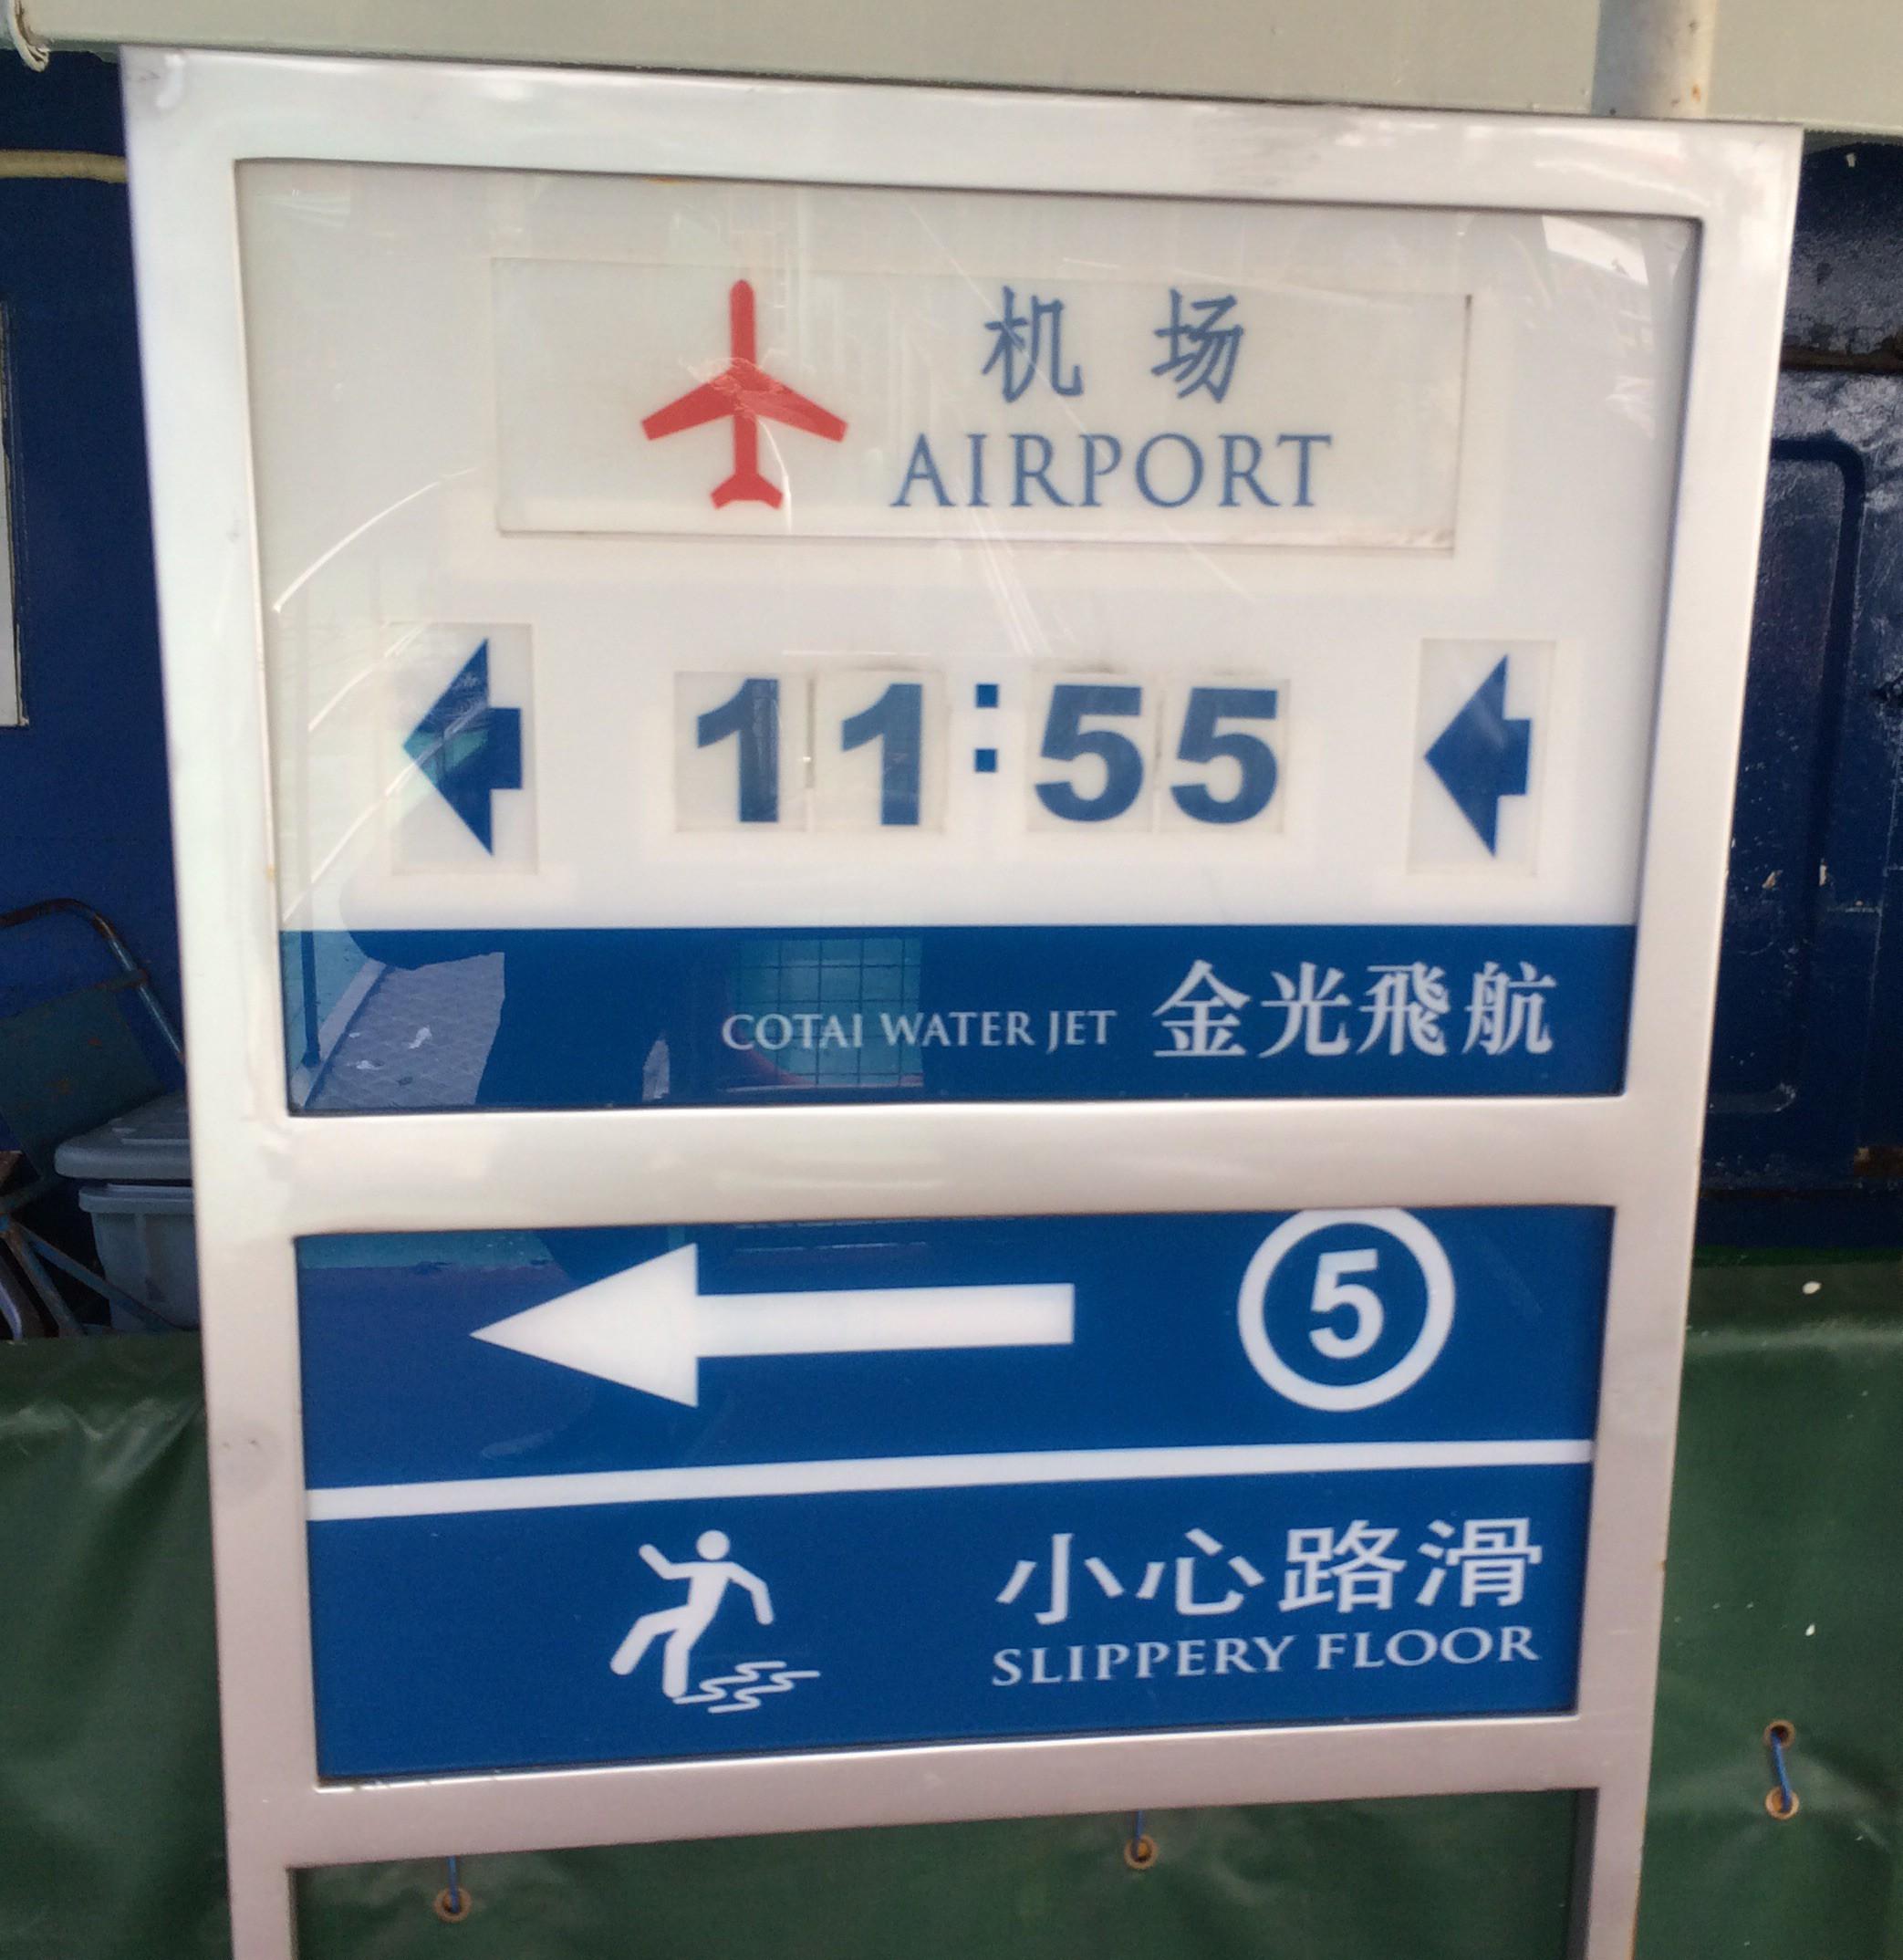 マカオフェリーターミナル-マカオから香港空港-19